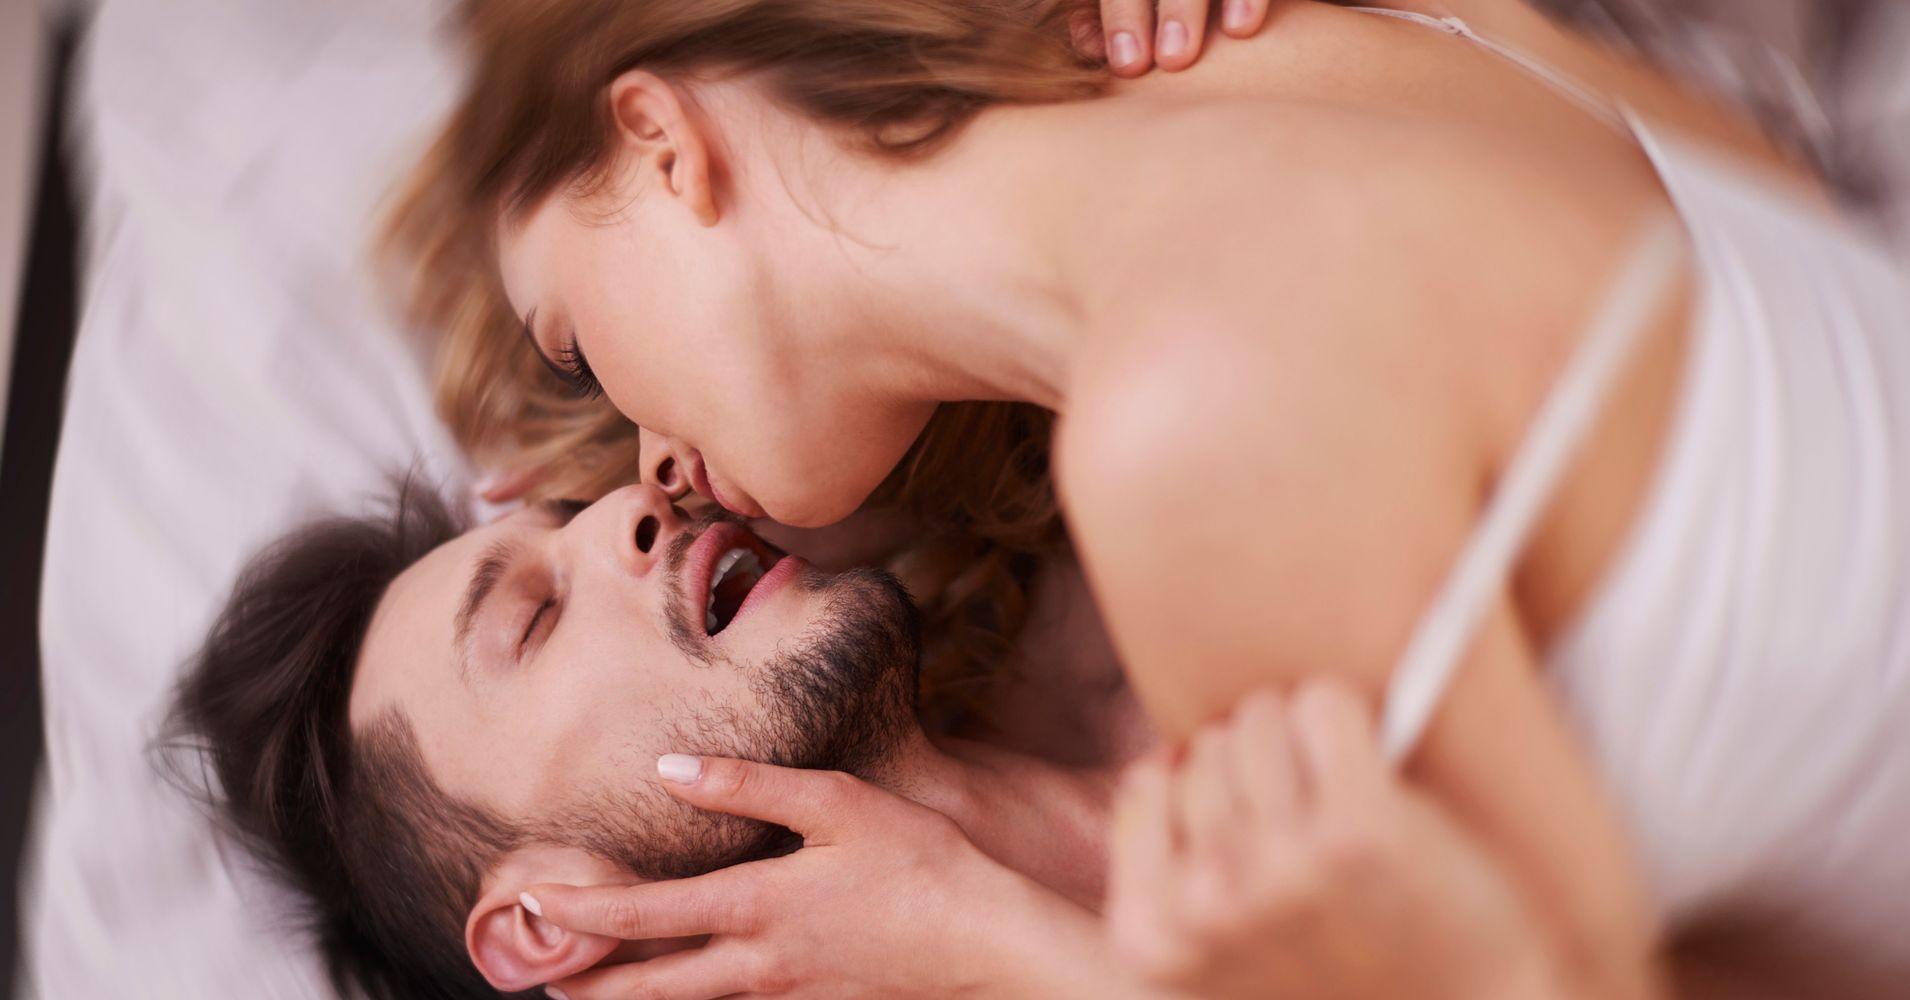 kak-povisit-orgazm